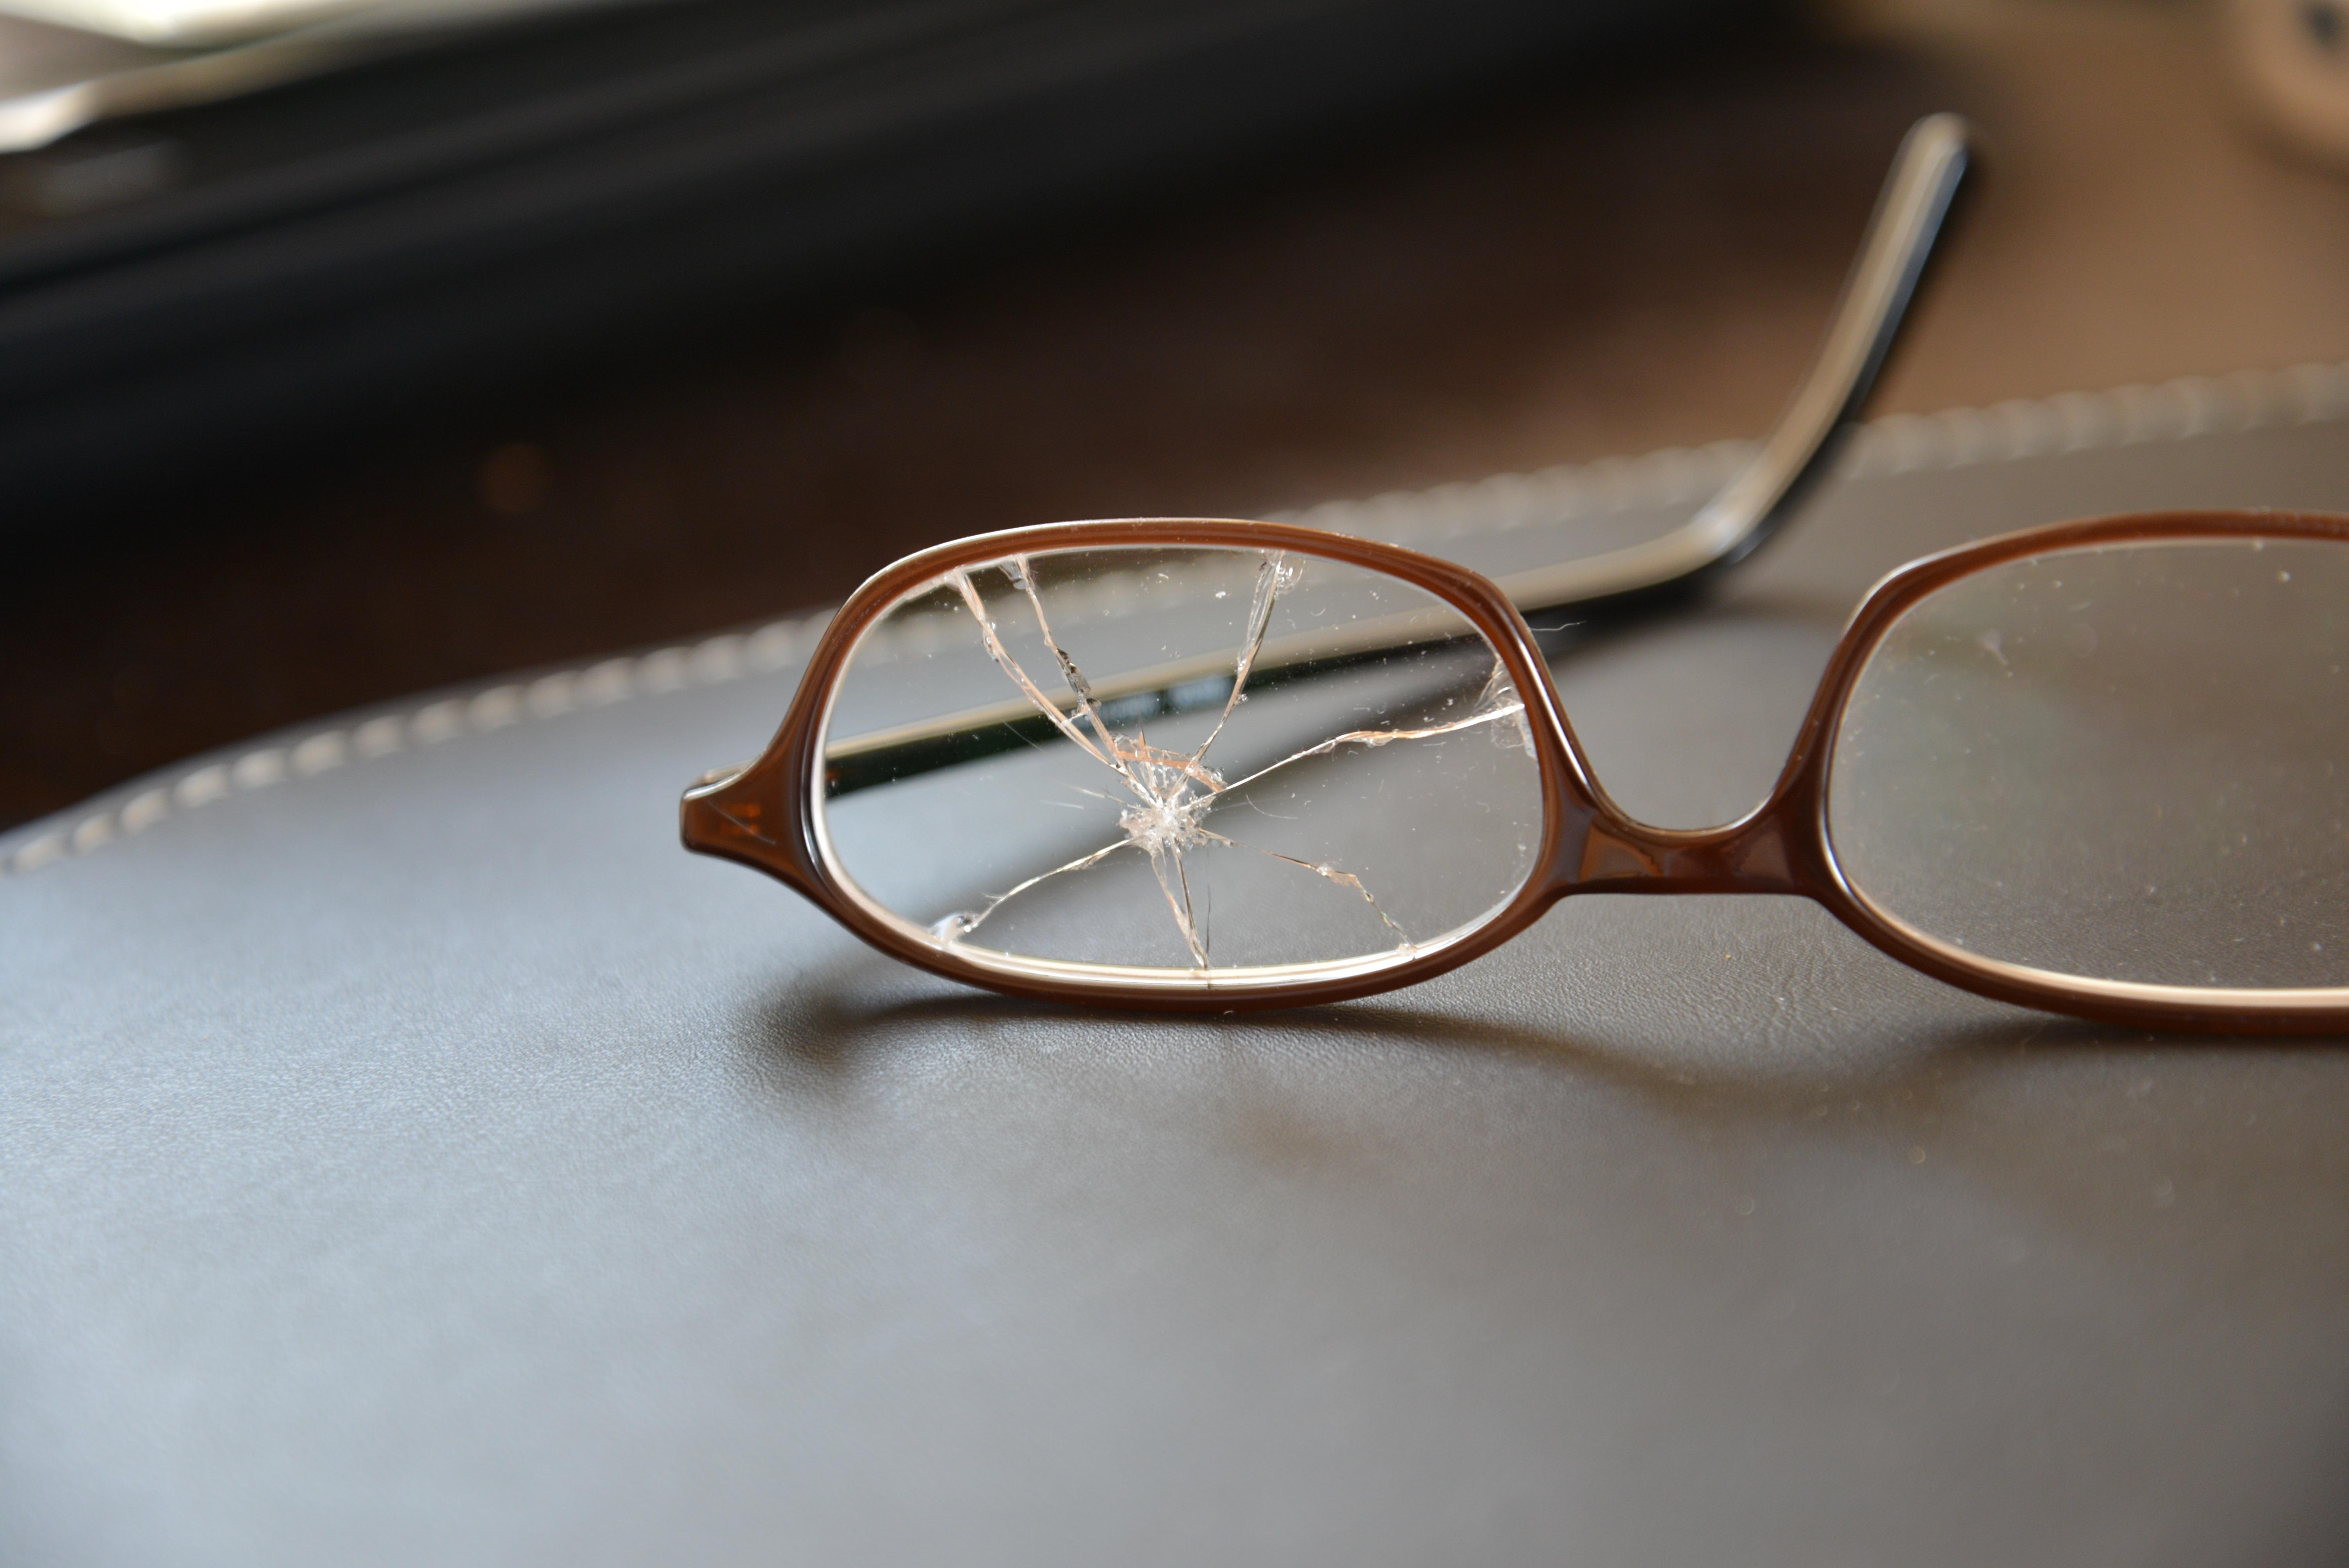 Fotos gratis : vaso, Gafas de sol, gafas, Cristal roto, Rotura de ...